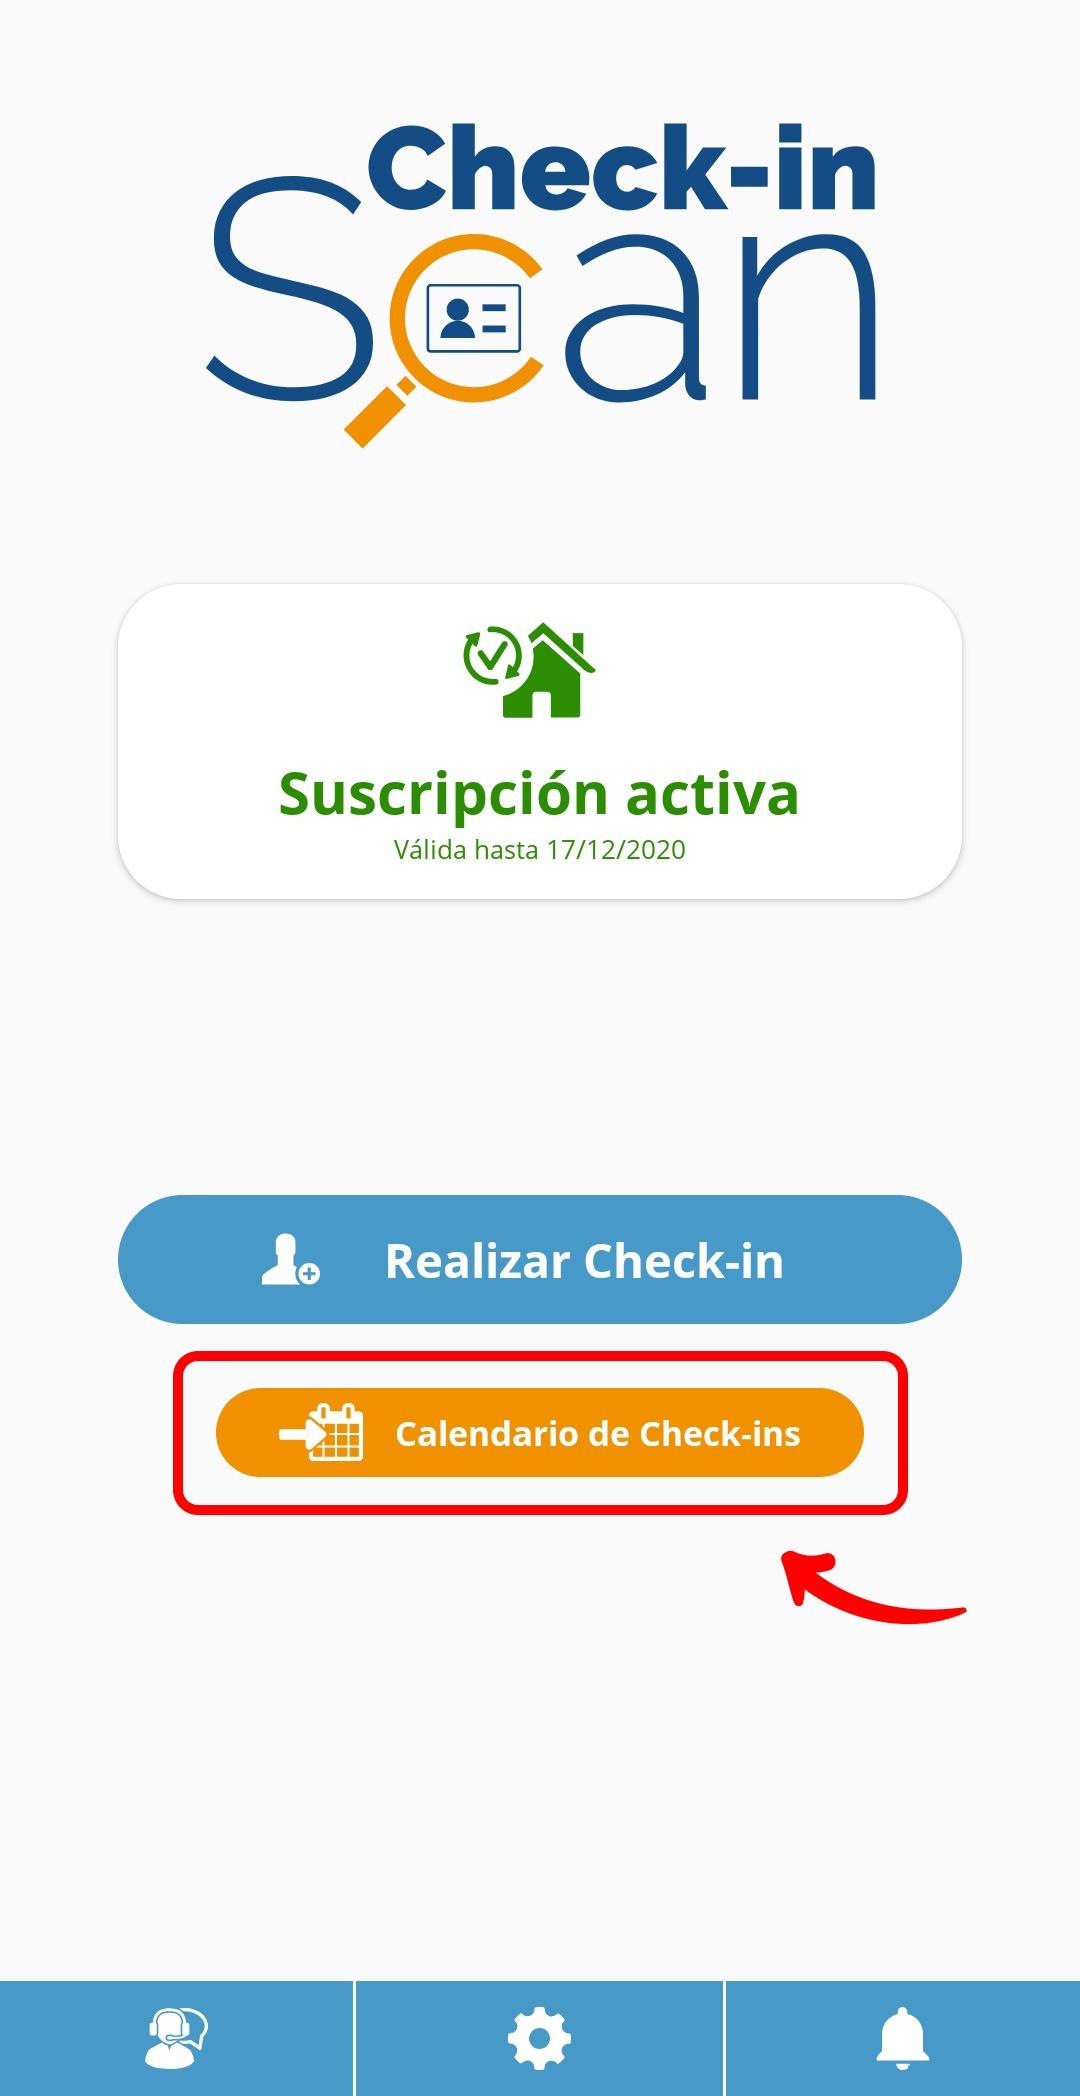 Check-in Scan app Calendario de Check-ins